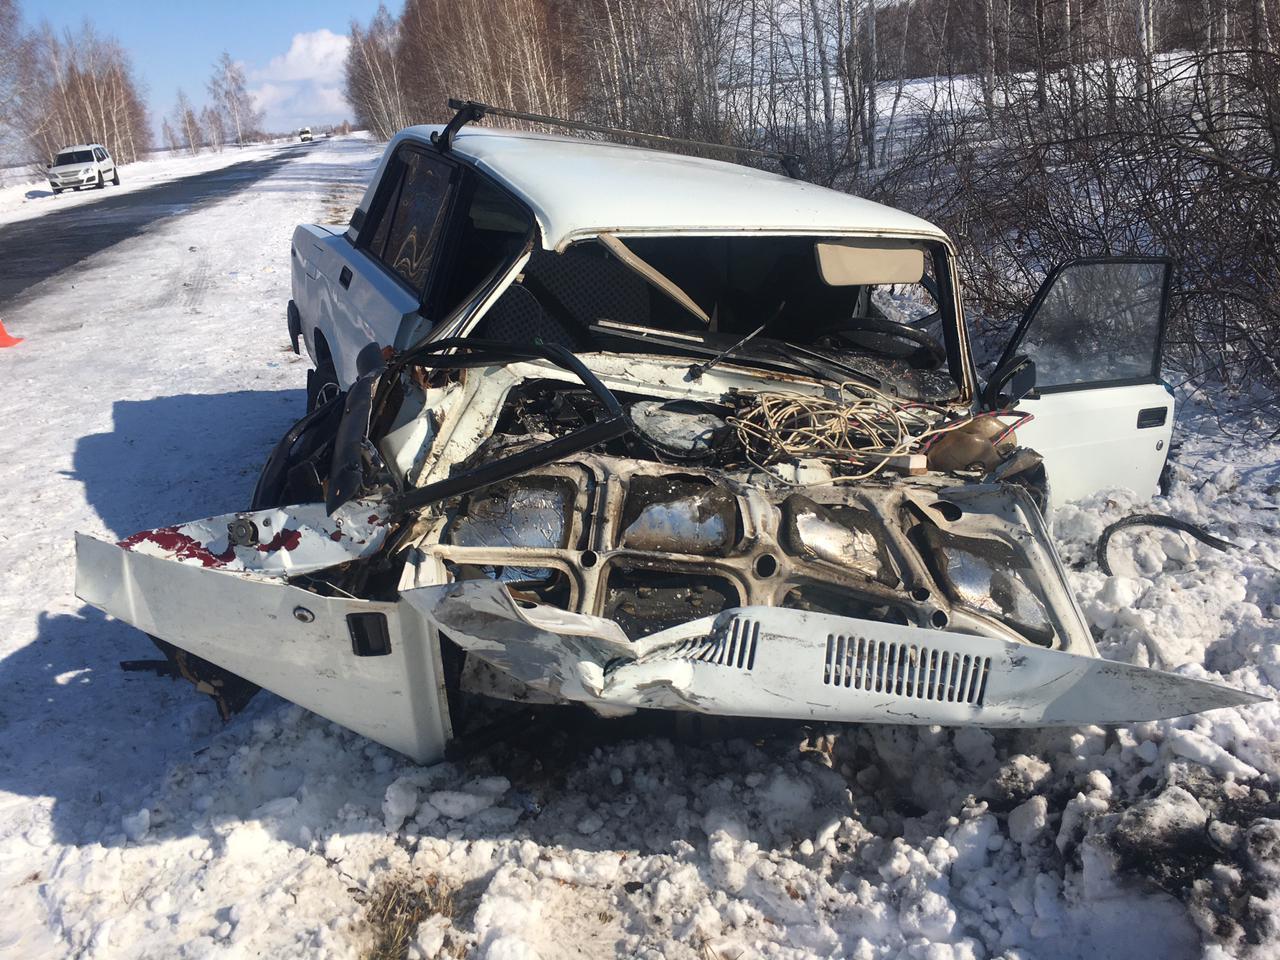 Омичка устроила ДТП на встречке с погибшим и четырьмя пострадавшими #Новости #Общество #Омск